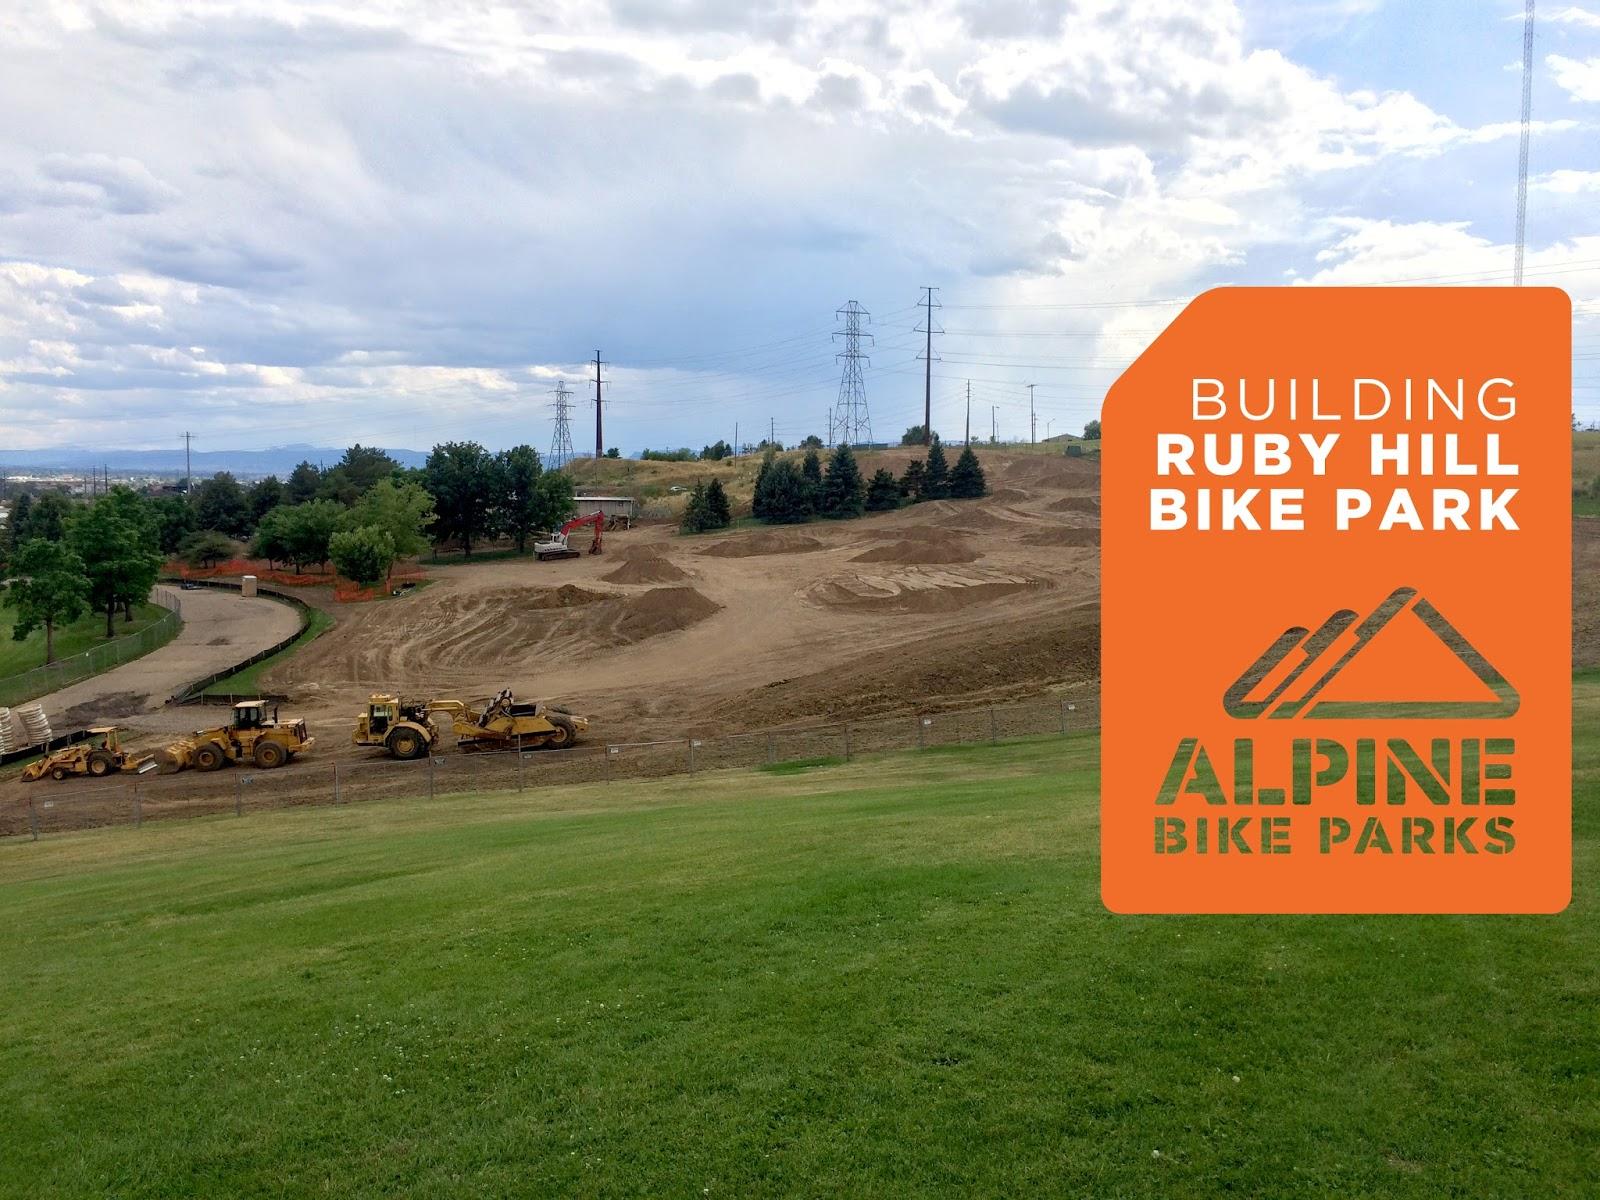 Alpine Bike Parks The Ruby Hill Bike Park Denver Colorado